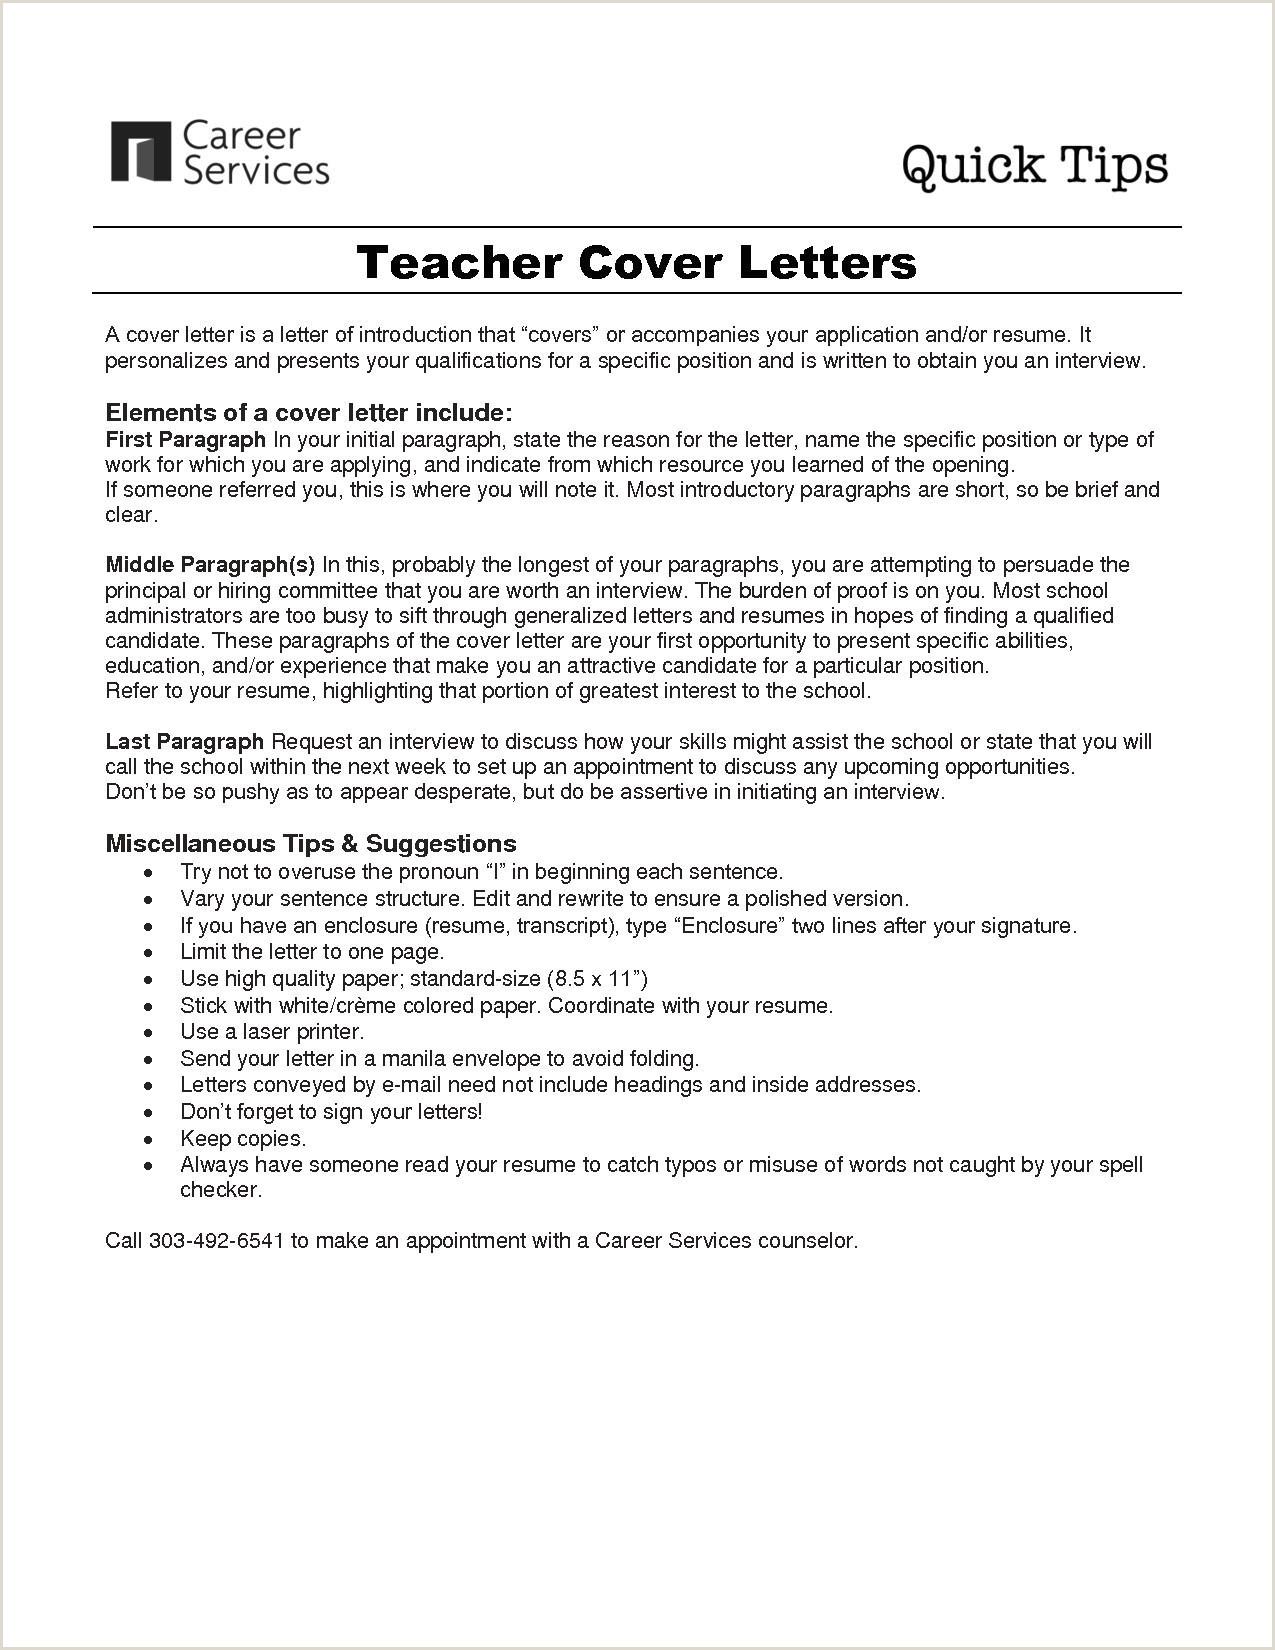 Curriculum Vitae formulario Para Rellenar formulario De Curriculum Vitae Para Llenar